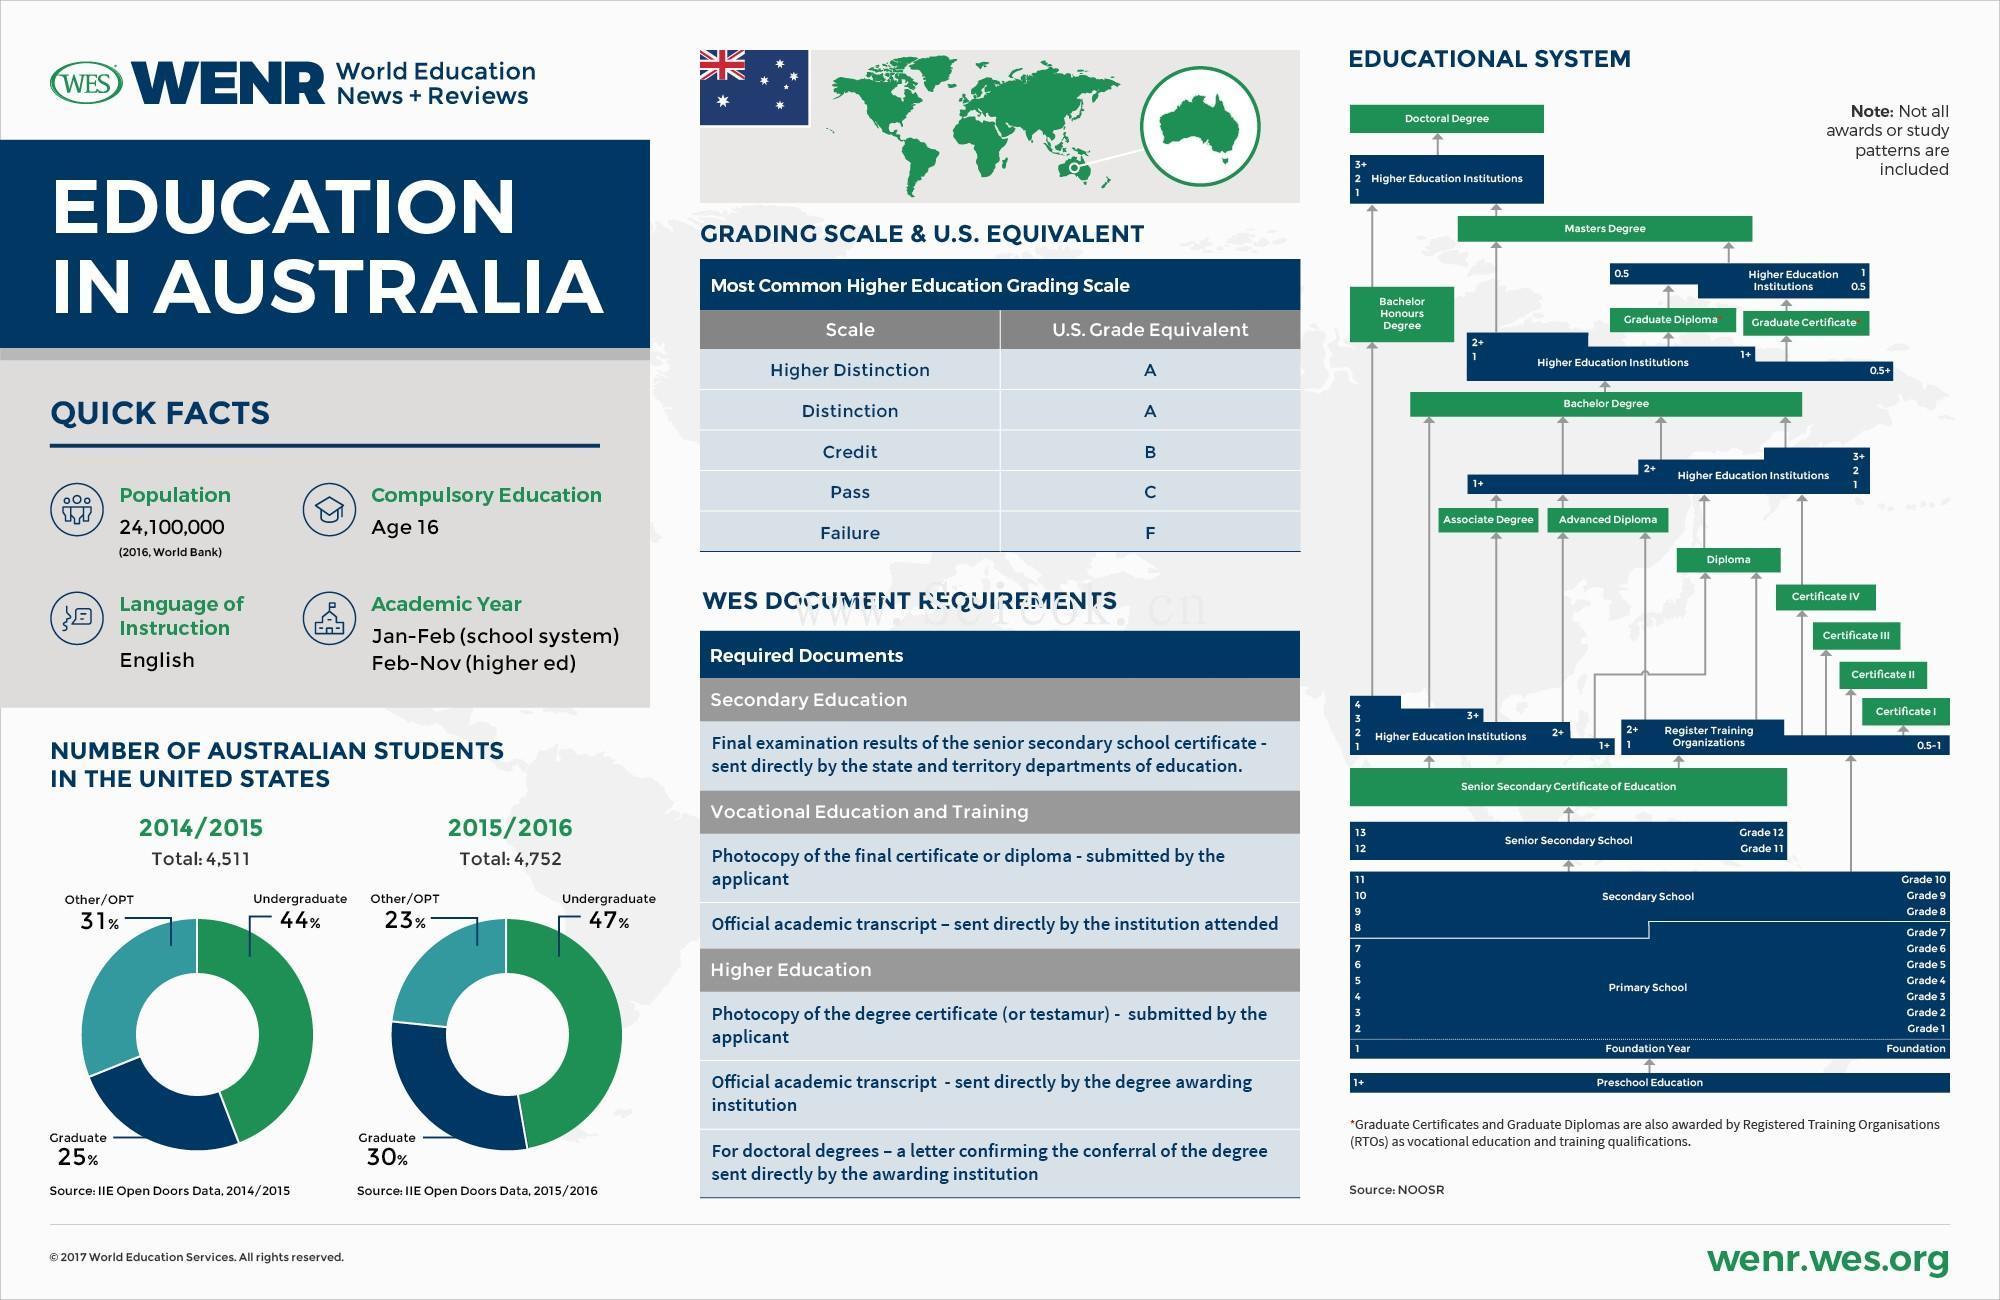 一组教育发达国家的教育体制与数据统计 (中美英德澳加荷韩阿联酋)  数据 第4张